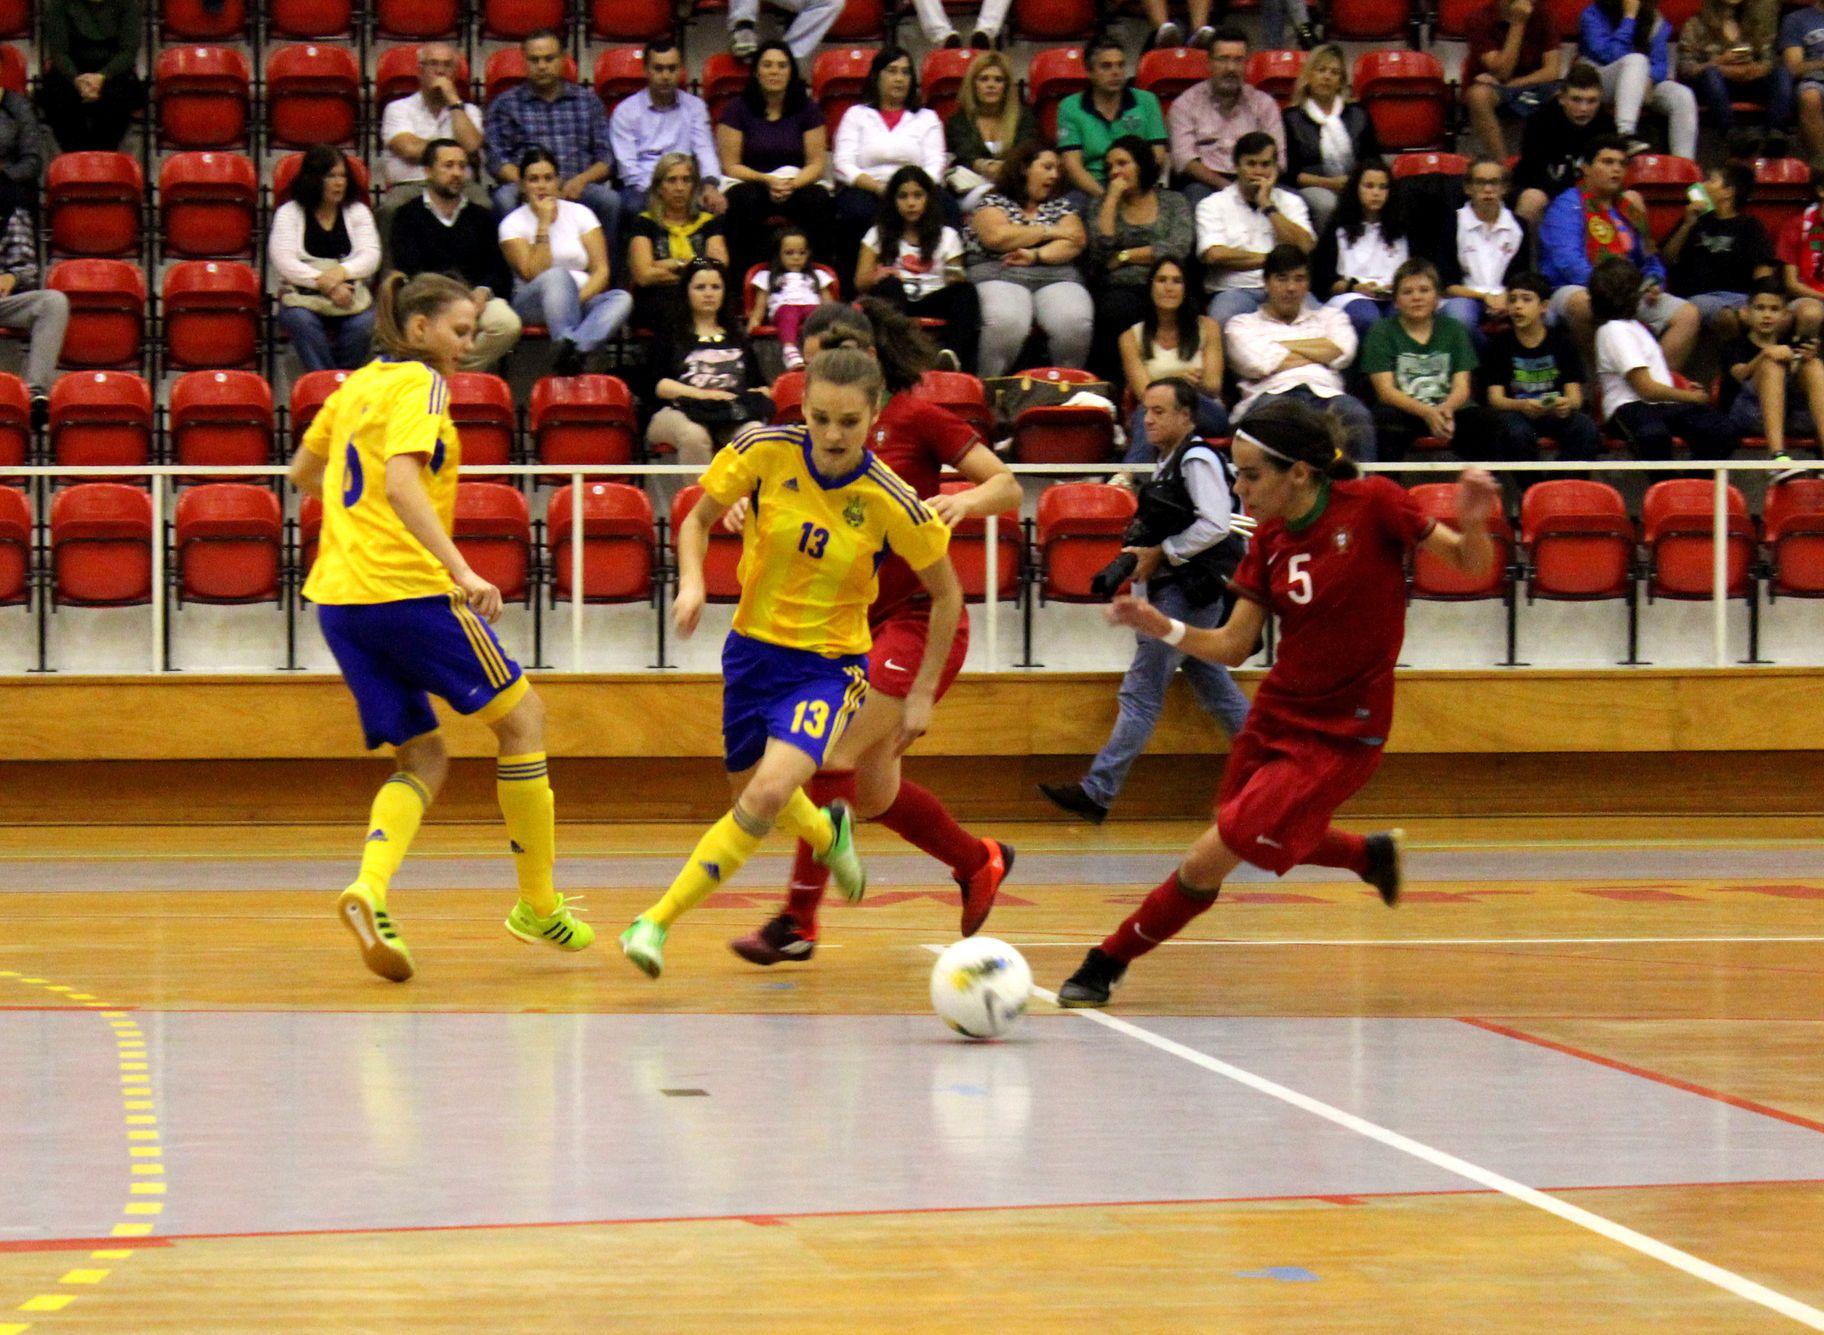 женская сборная футзал, Португалія, збірна, ФФУ, women's team Ukraine, АФУ, україна, жіноча збірна футзал, Futsal fem, futsal, Madeira